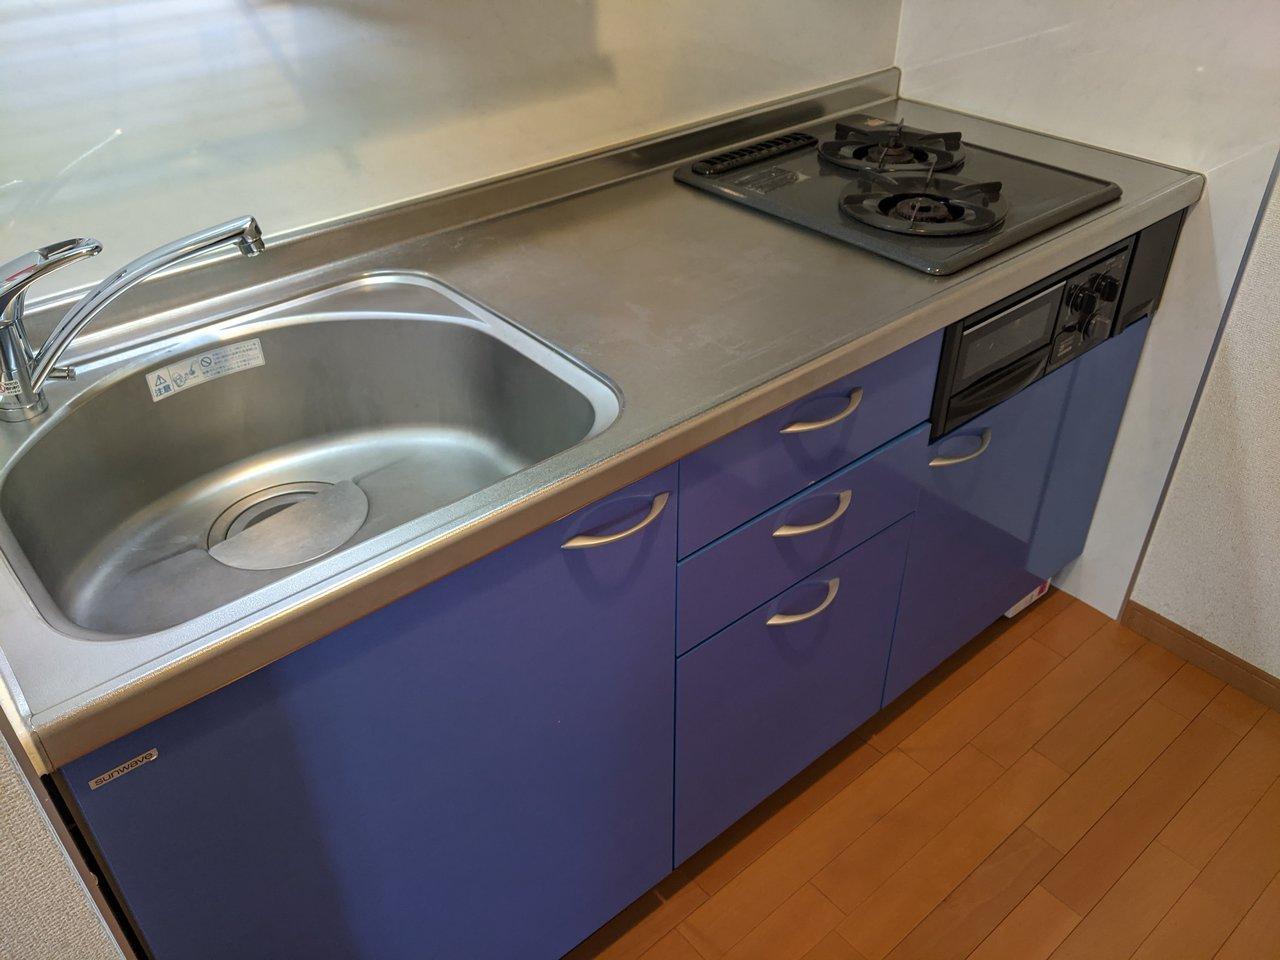 キッチンも広々としています。シンクも大きく、二口ガスコンロ付き。作業台も広いので、自炊が得意な方にはうれしい設備ですね。